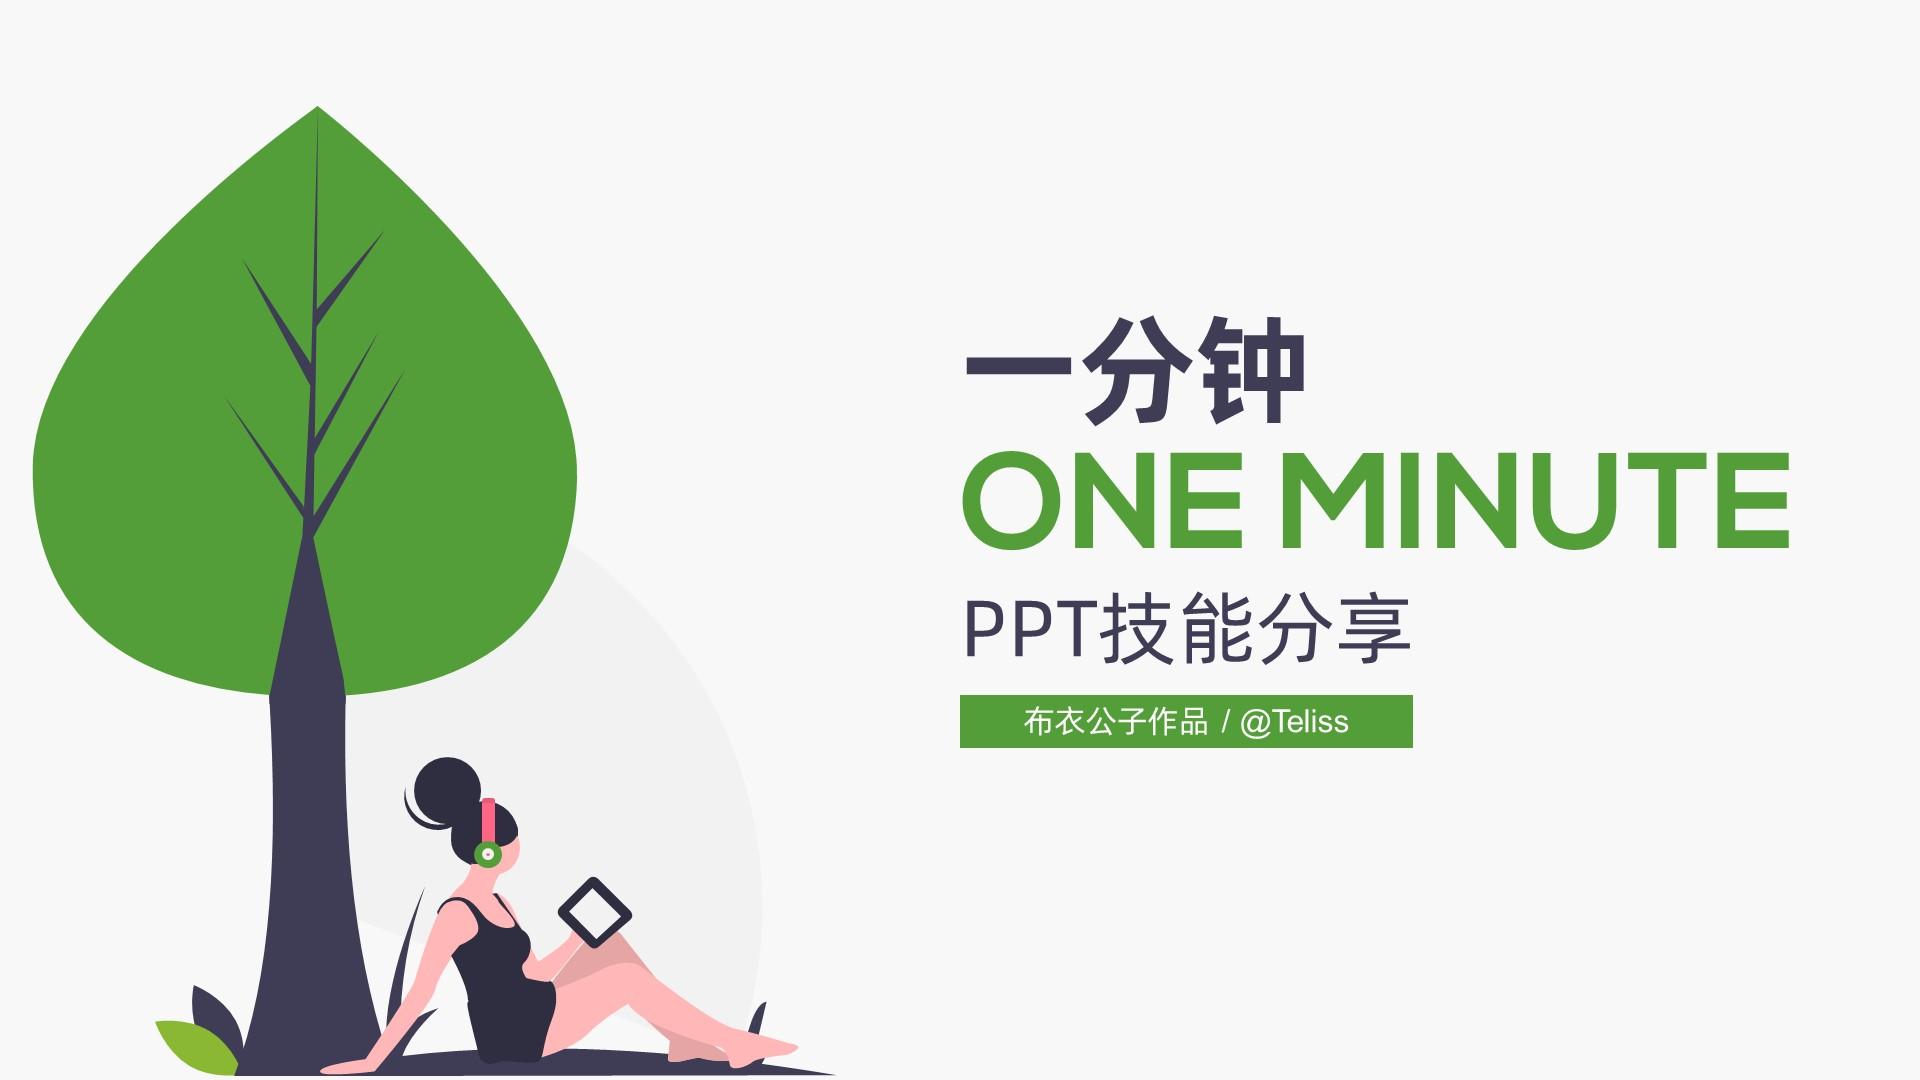 布衣公子《一分钟PPT技能》连载